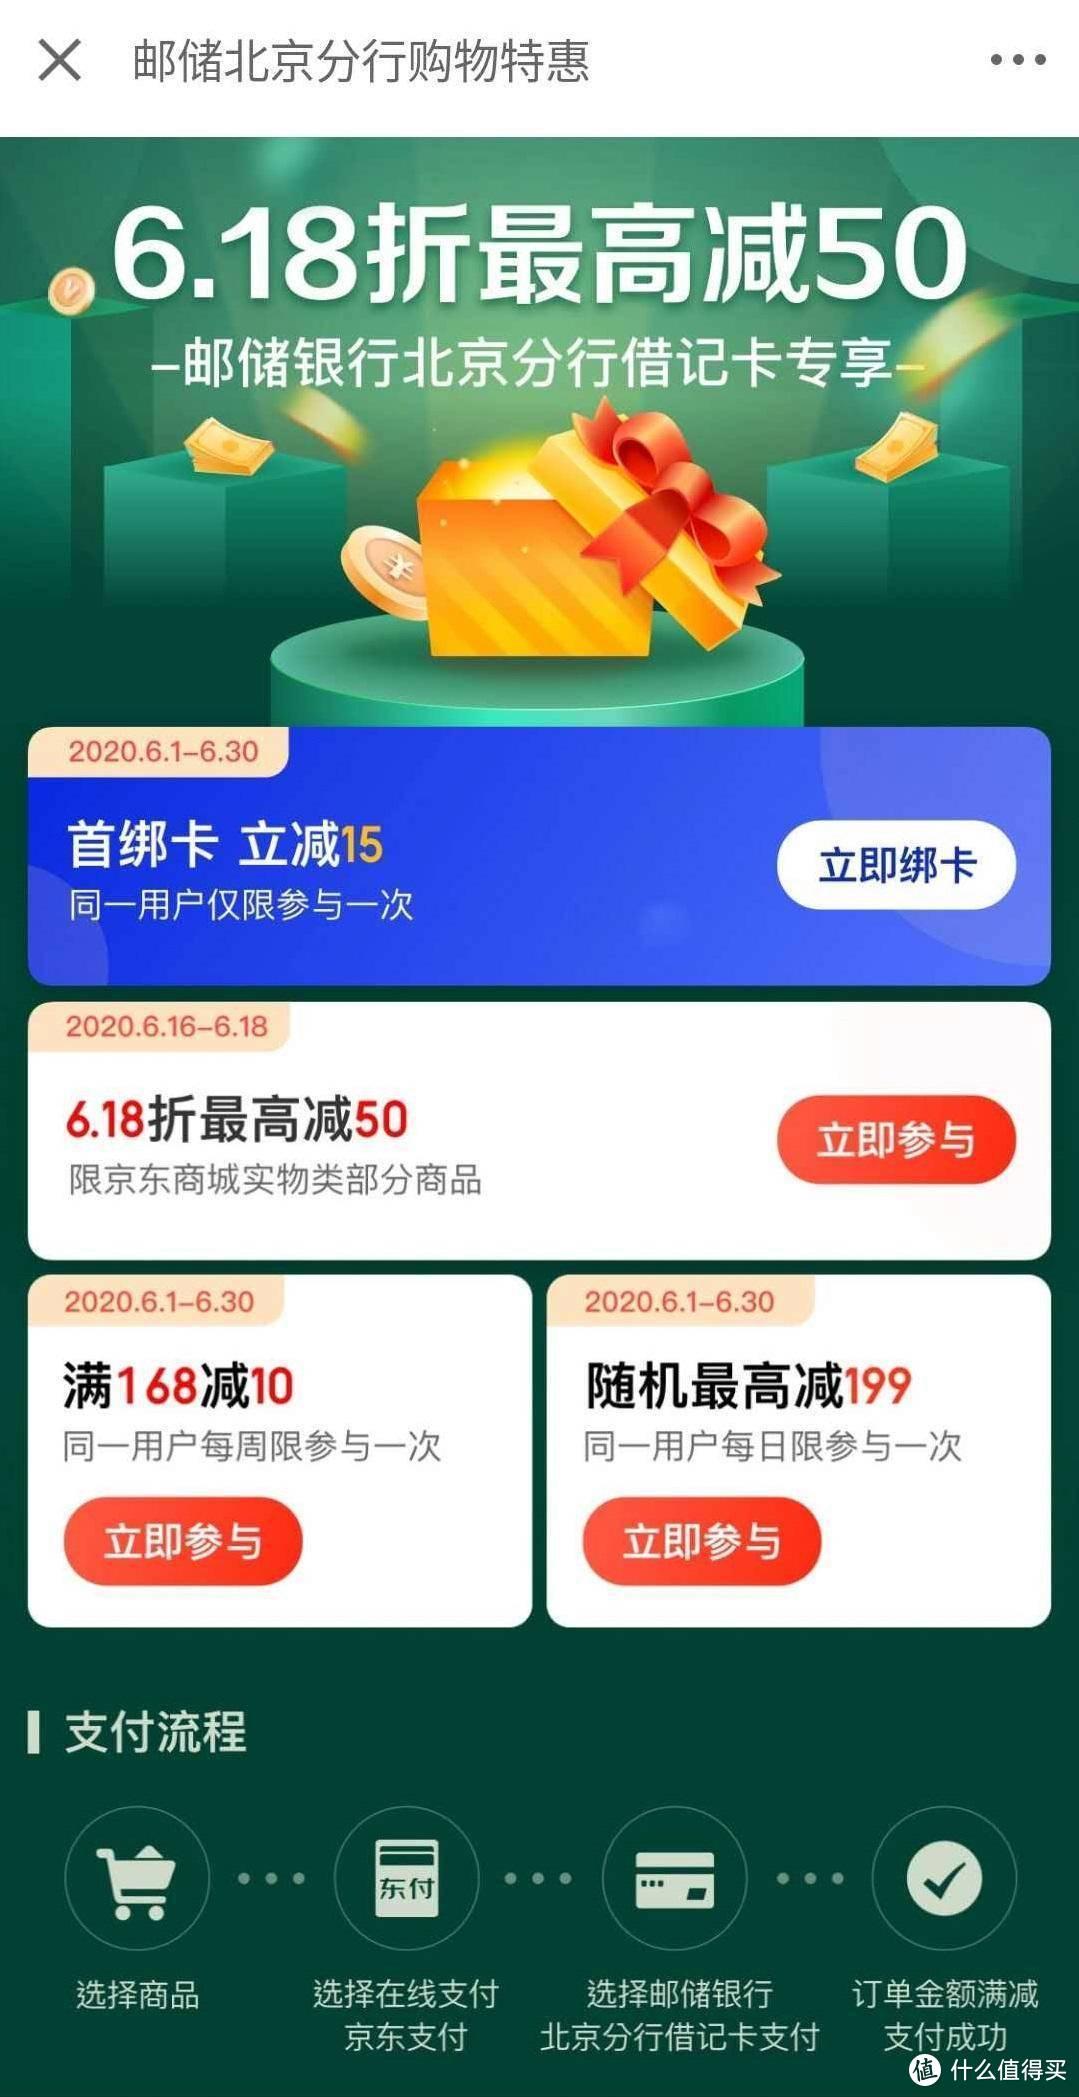 【618必看】2020简单粗暴京豆地图链接版,附京东银行卡优惠,助你一省到底